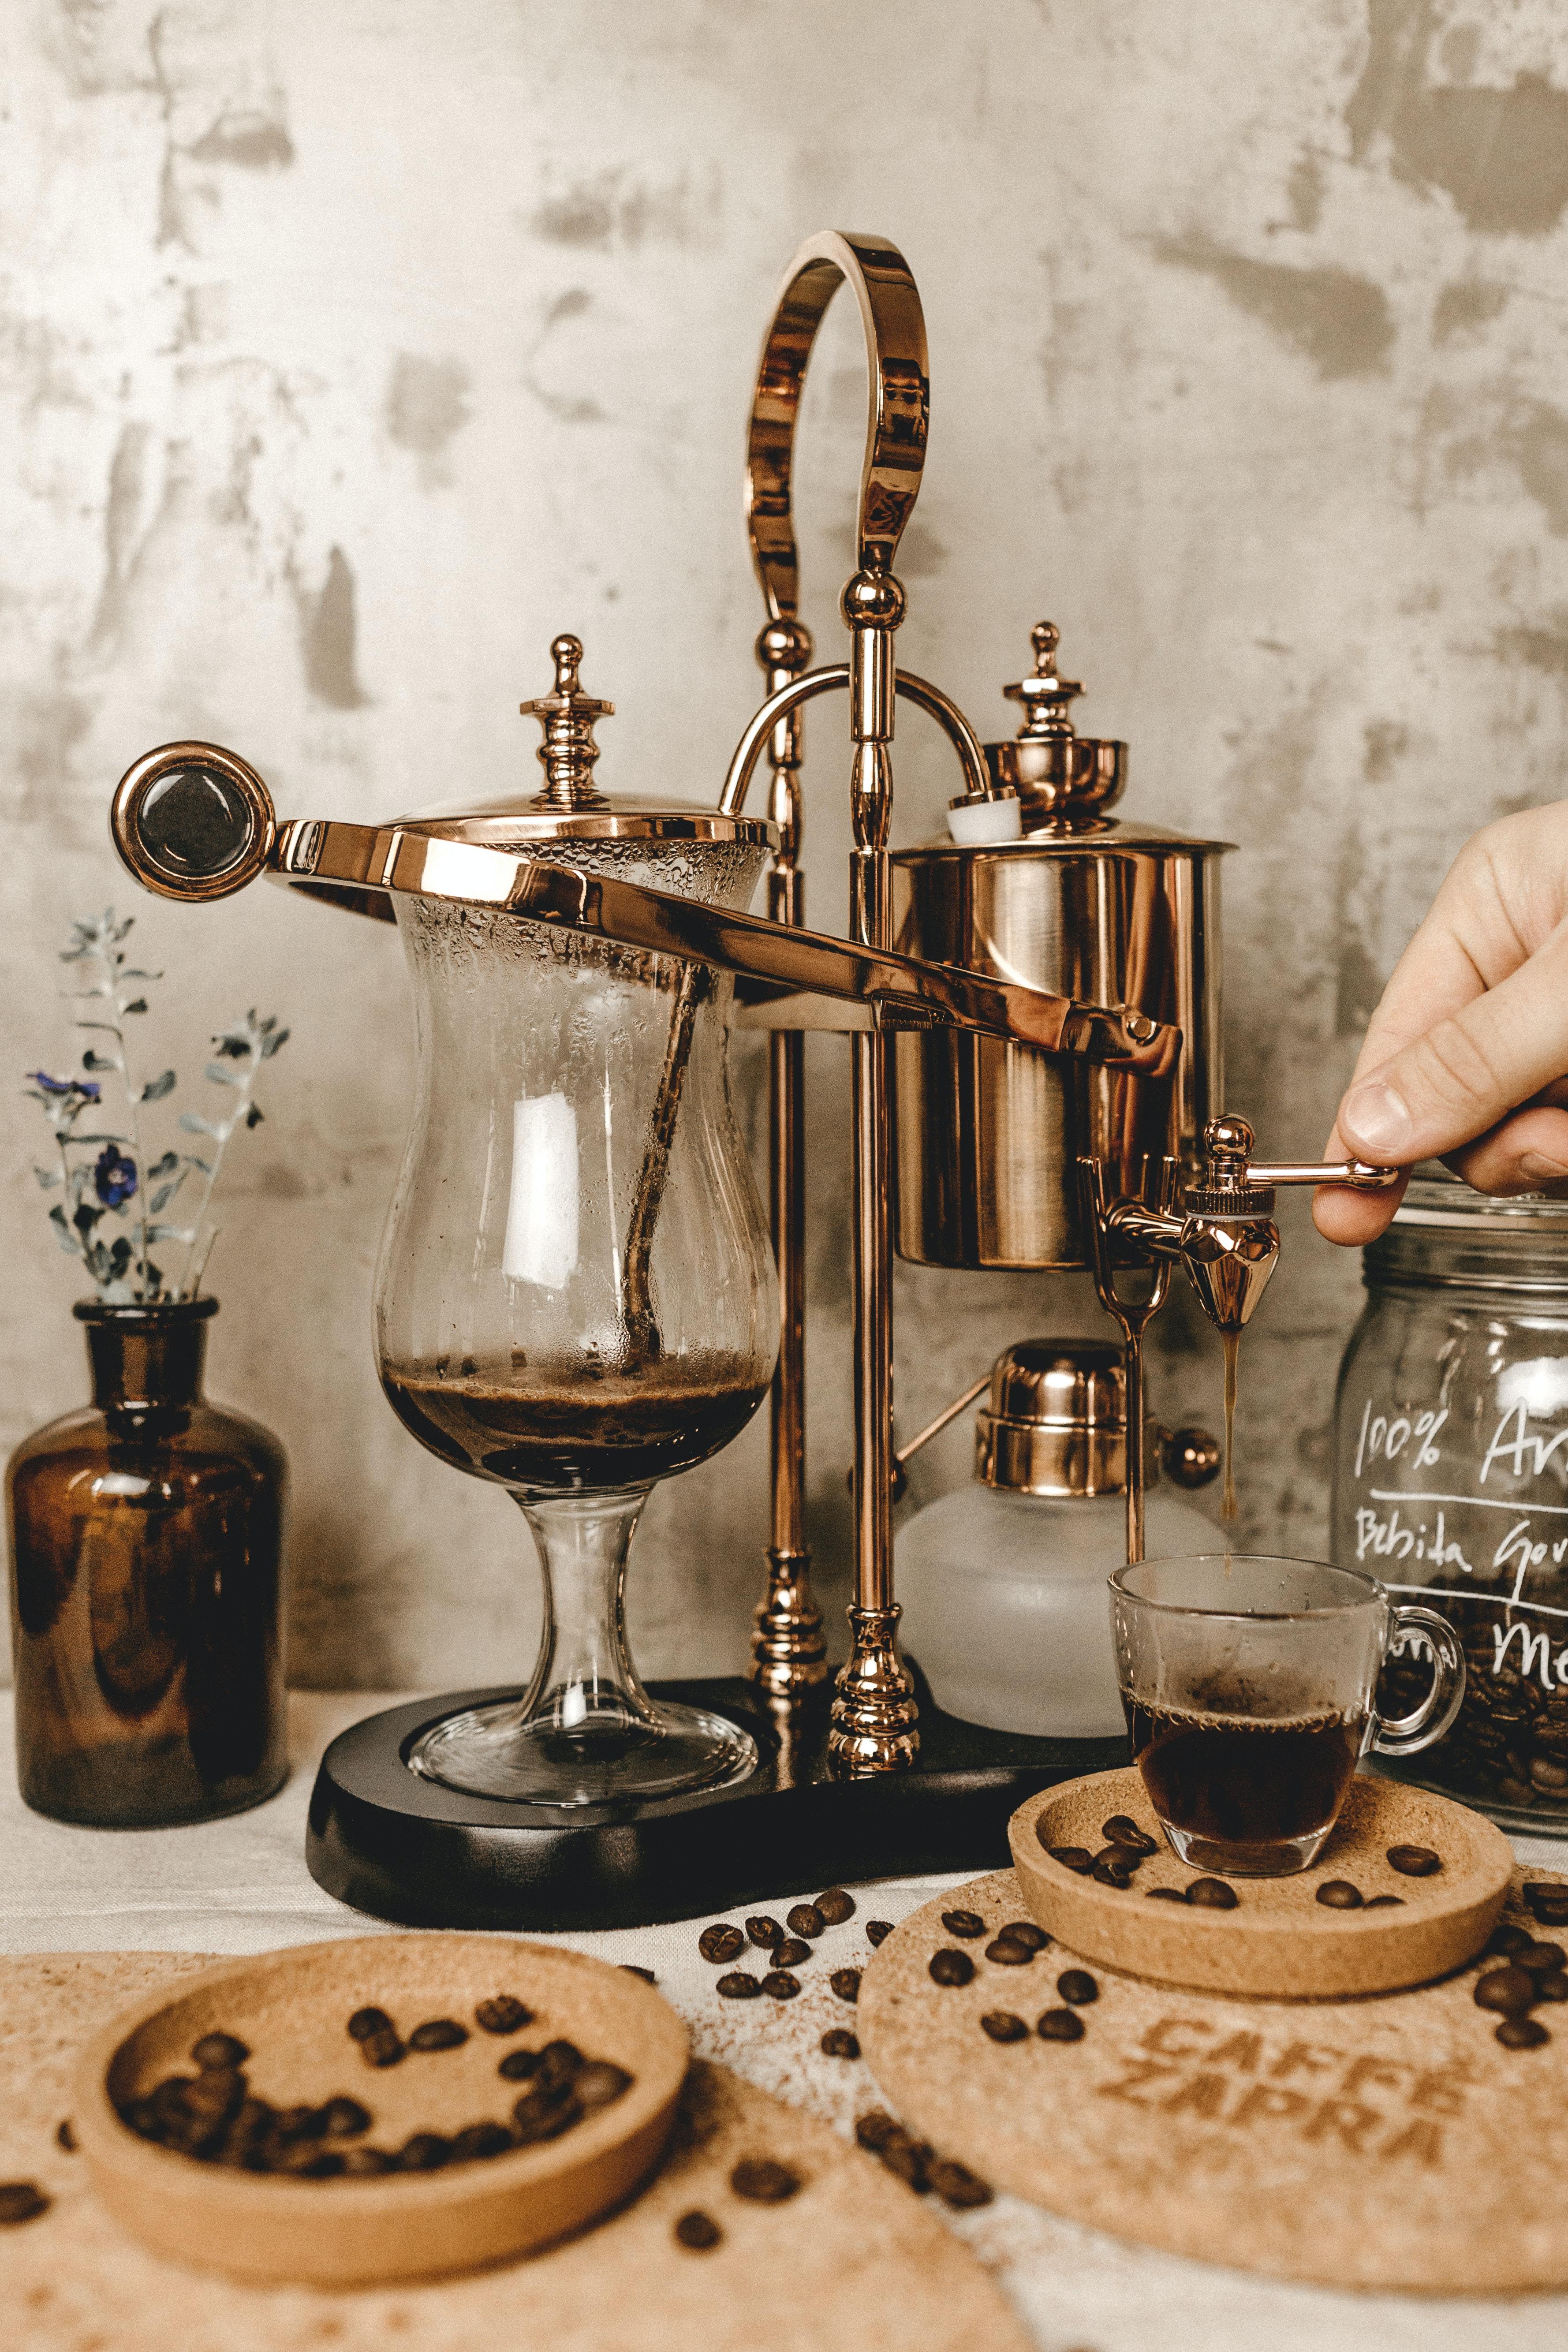 تخمير القهوة